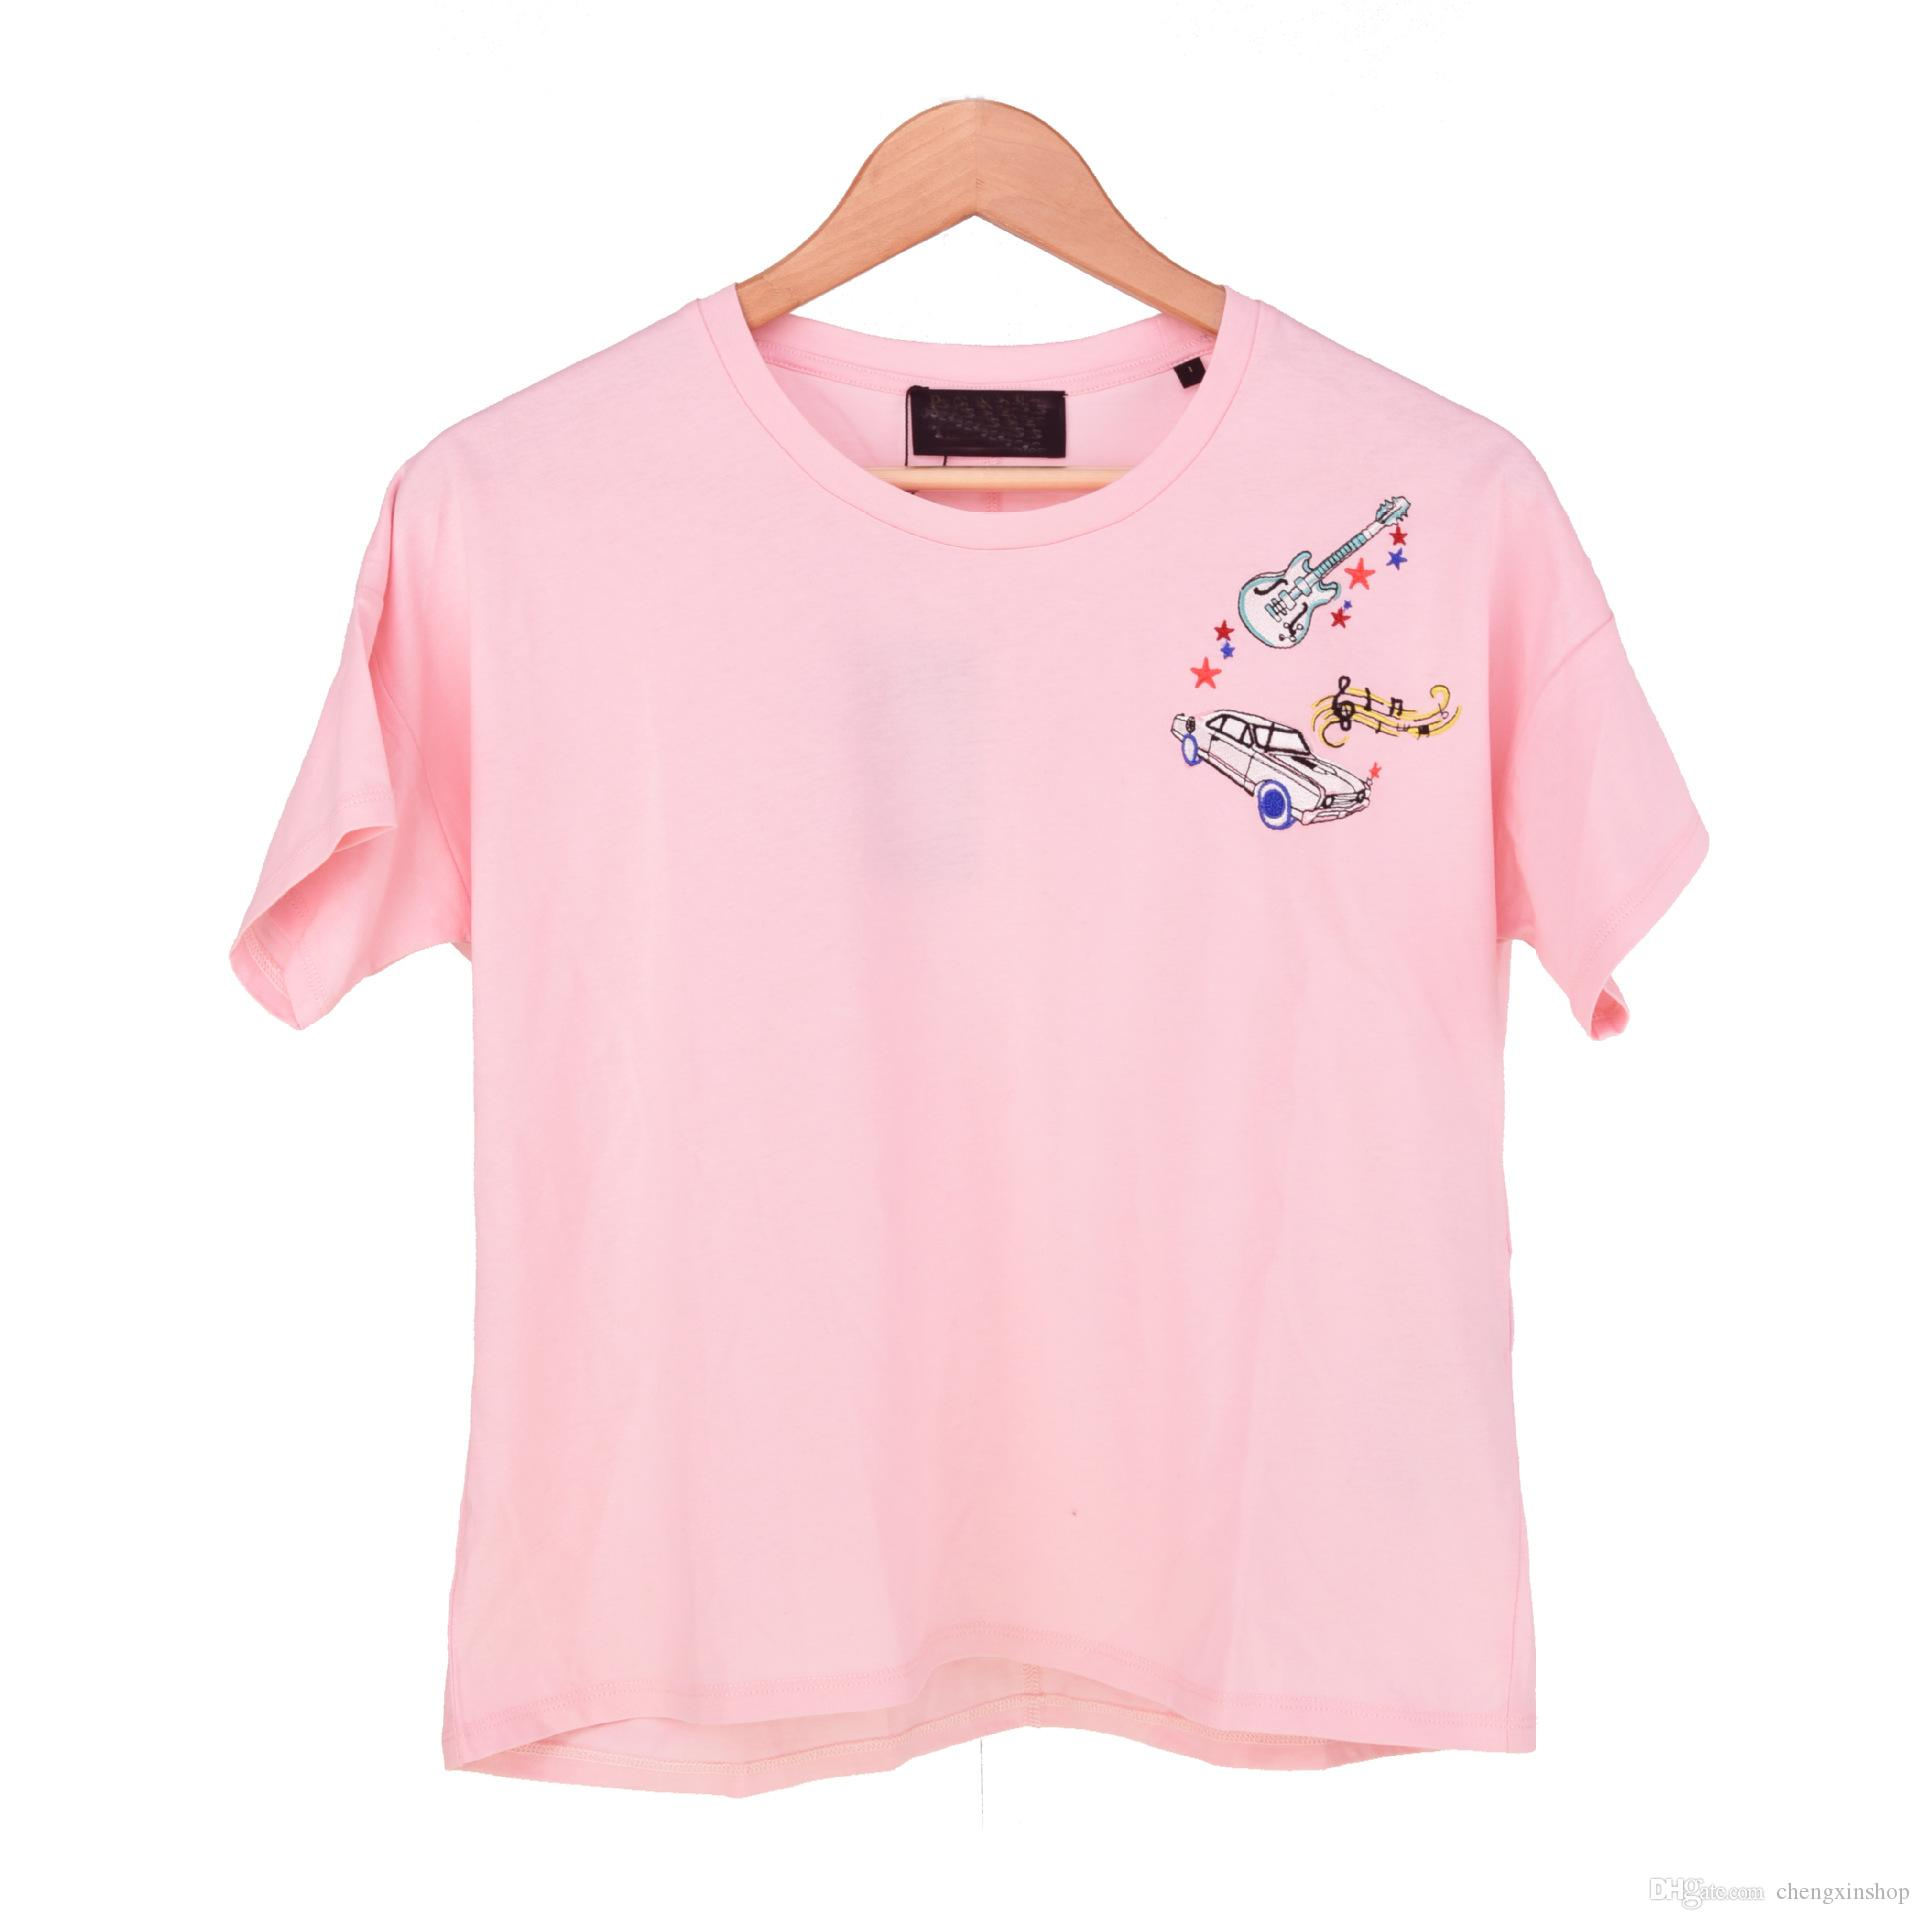 2018 manches courtes blanches / roses color de l'équipage encolure de voiture broderie dame de la dame top chemisier femmes t-shirts